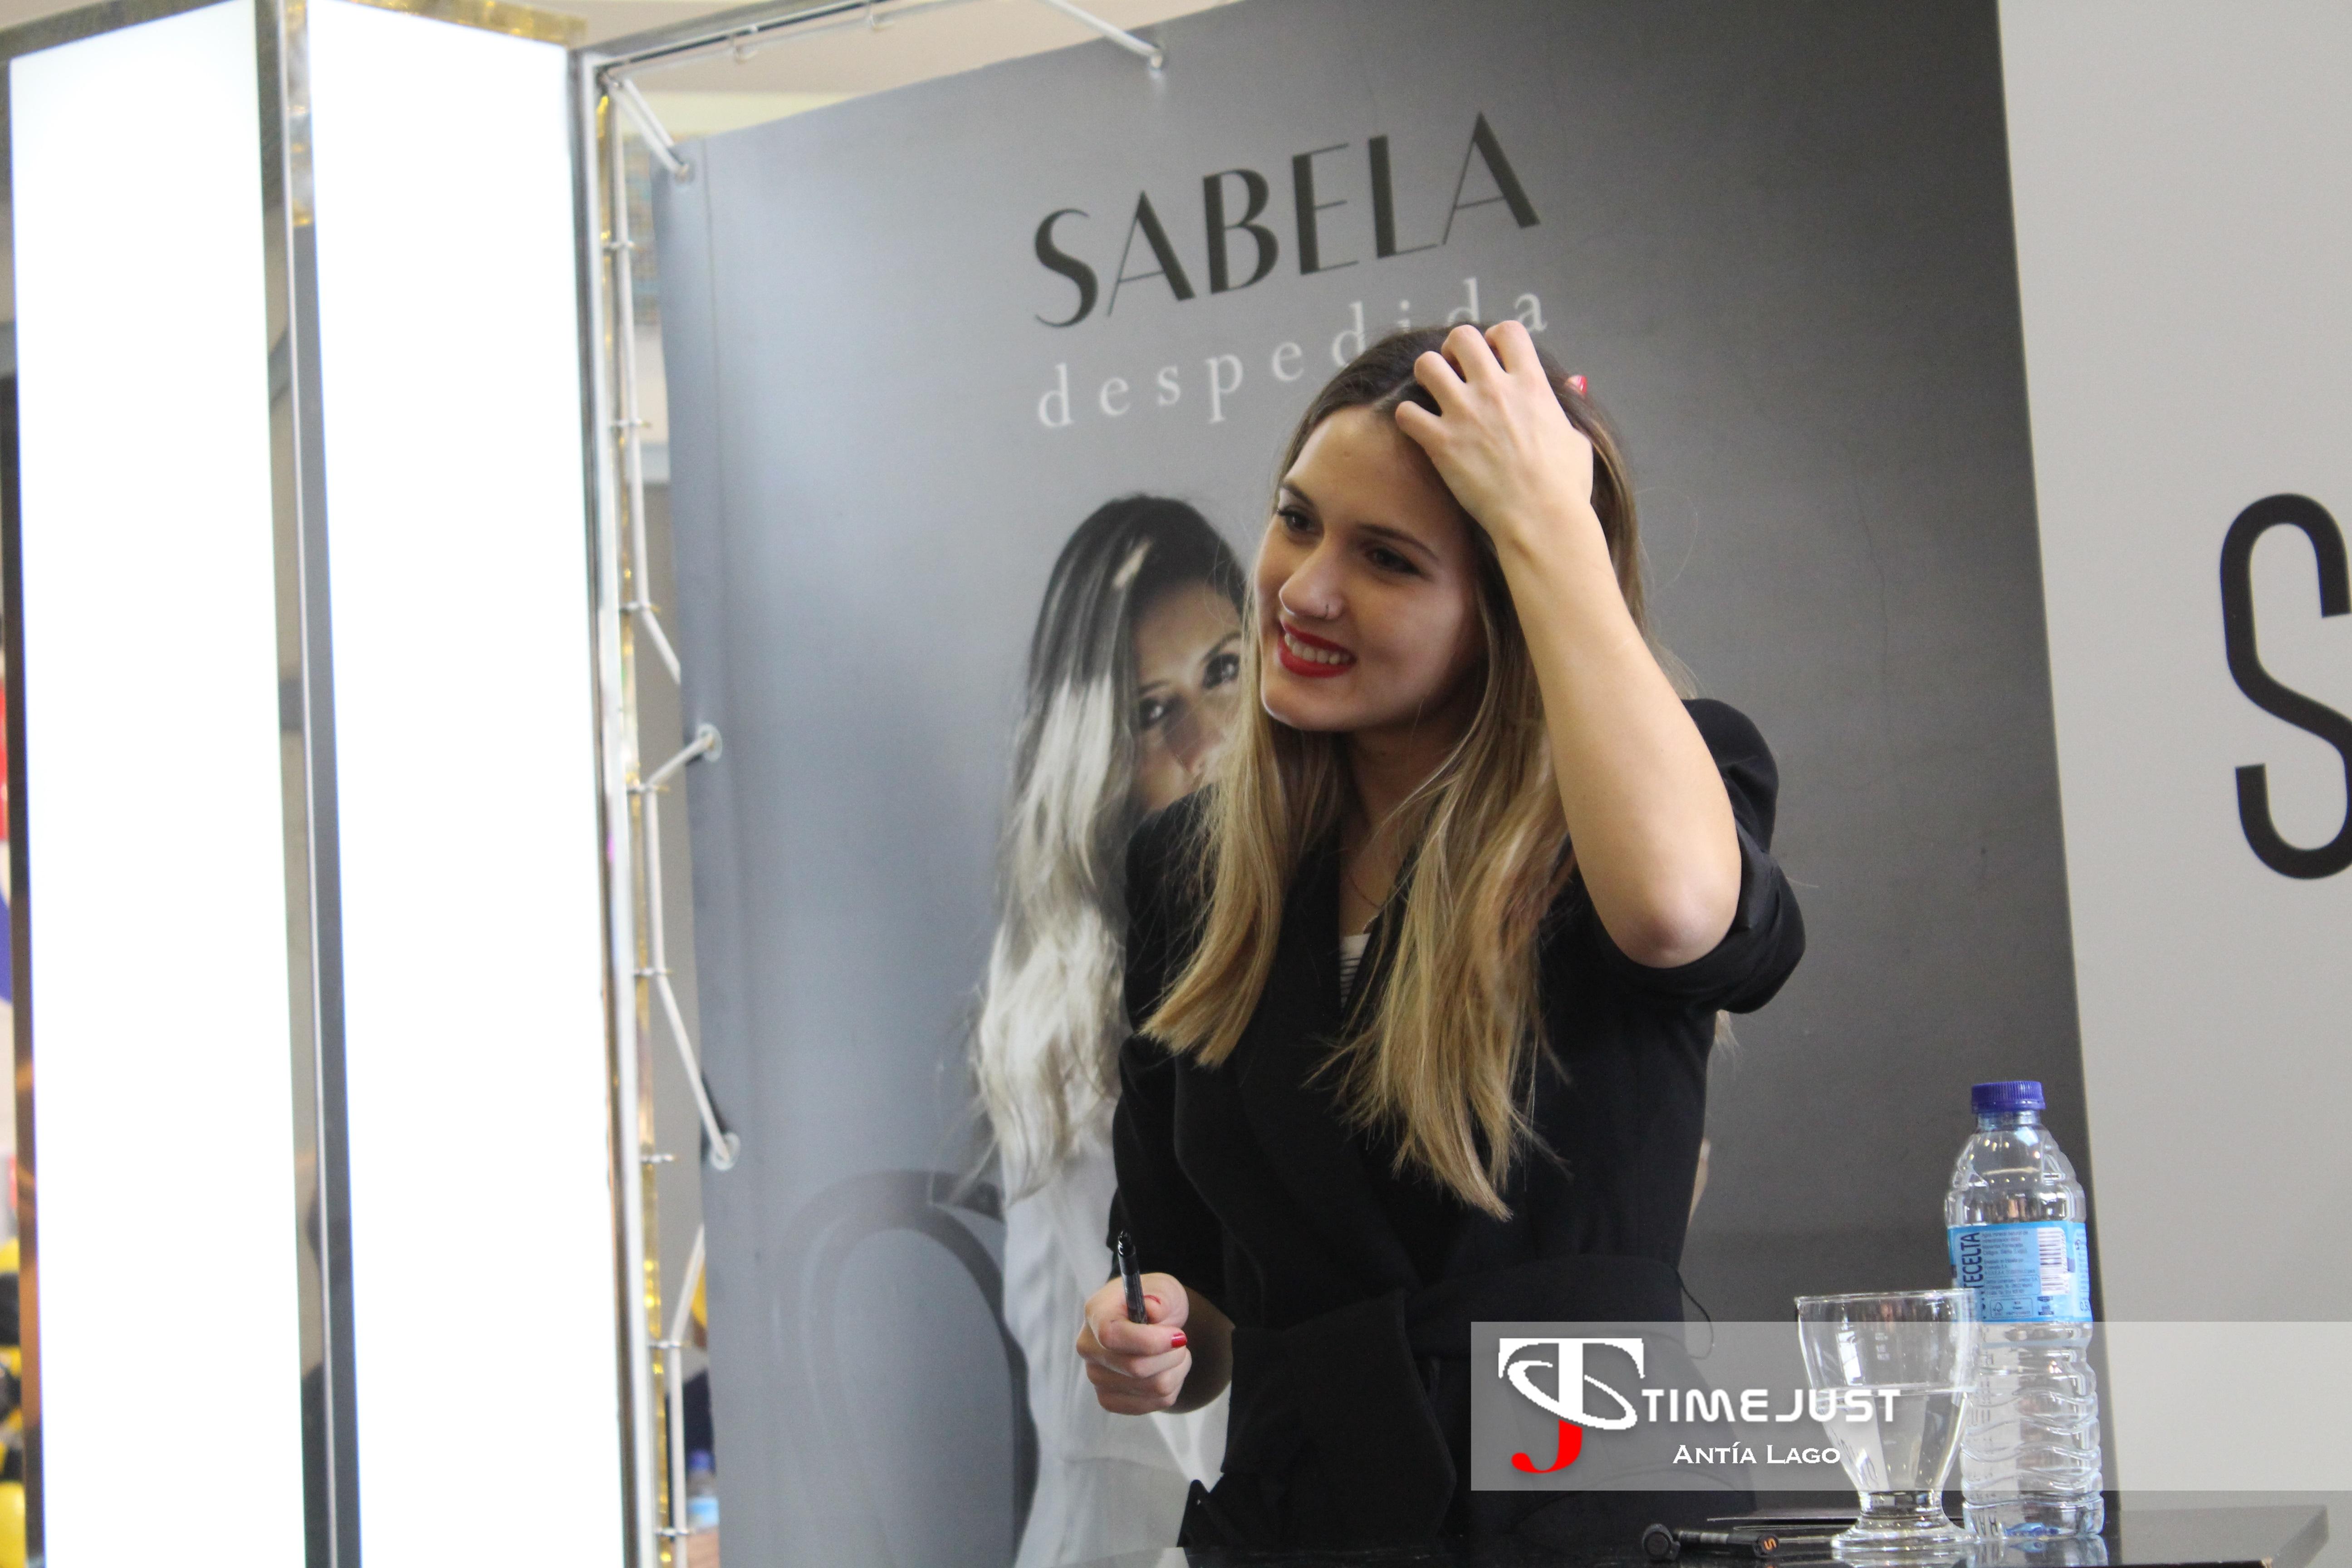 Sabela